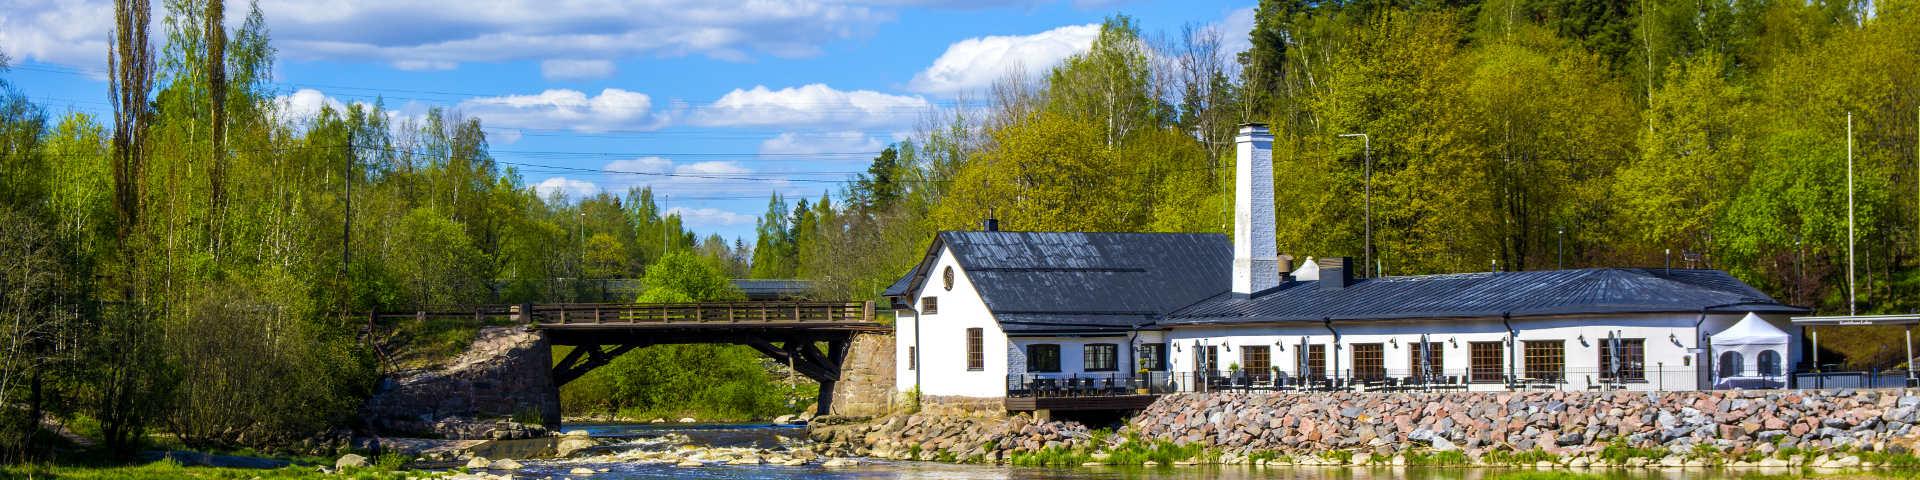 Vantaa finland